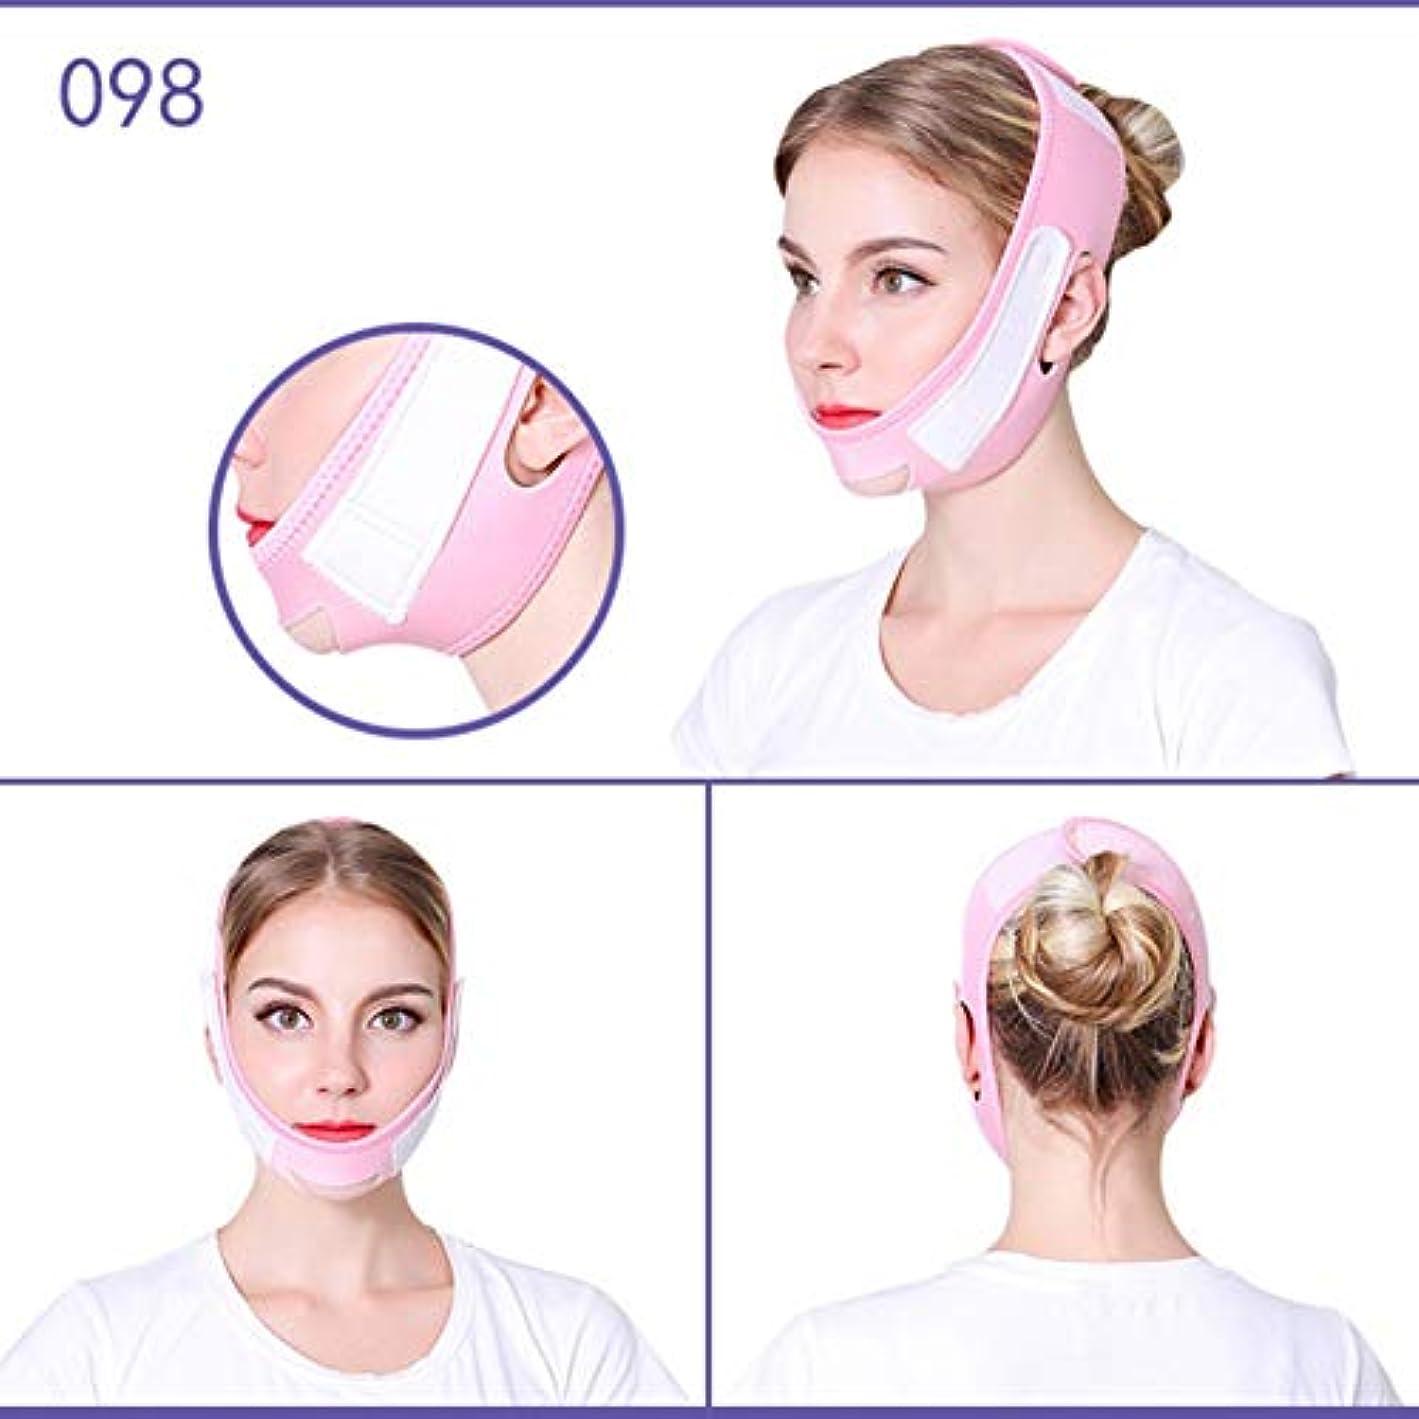 パックぐったり勤勉Balai フェイススリムVラインリフトアップマスク頬チンネックスリミング薄いストラップアンチリンクルフェイシャルシンフェイスマスクスリミング